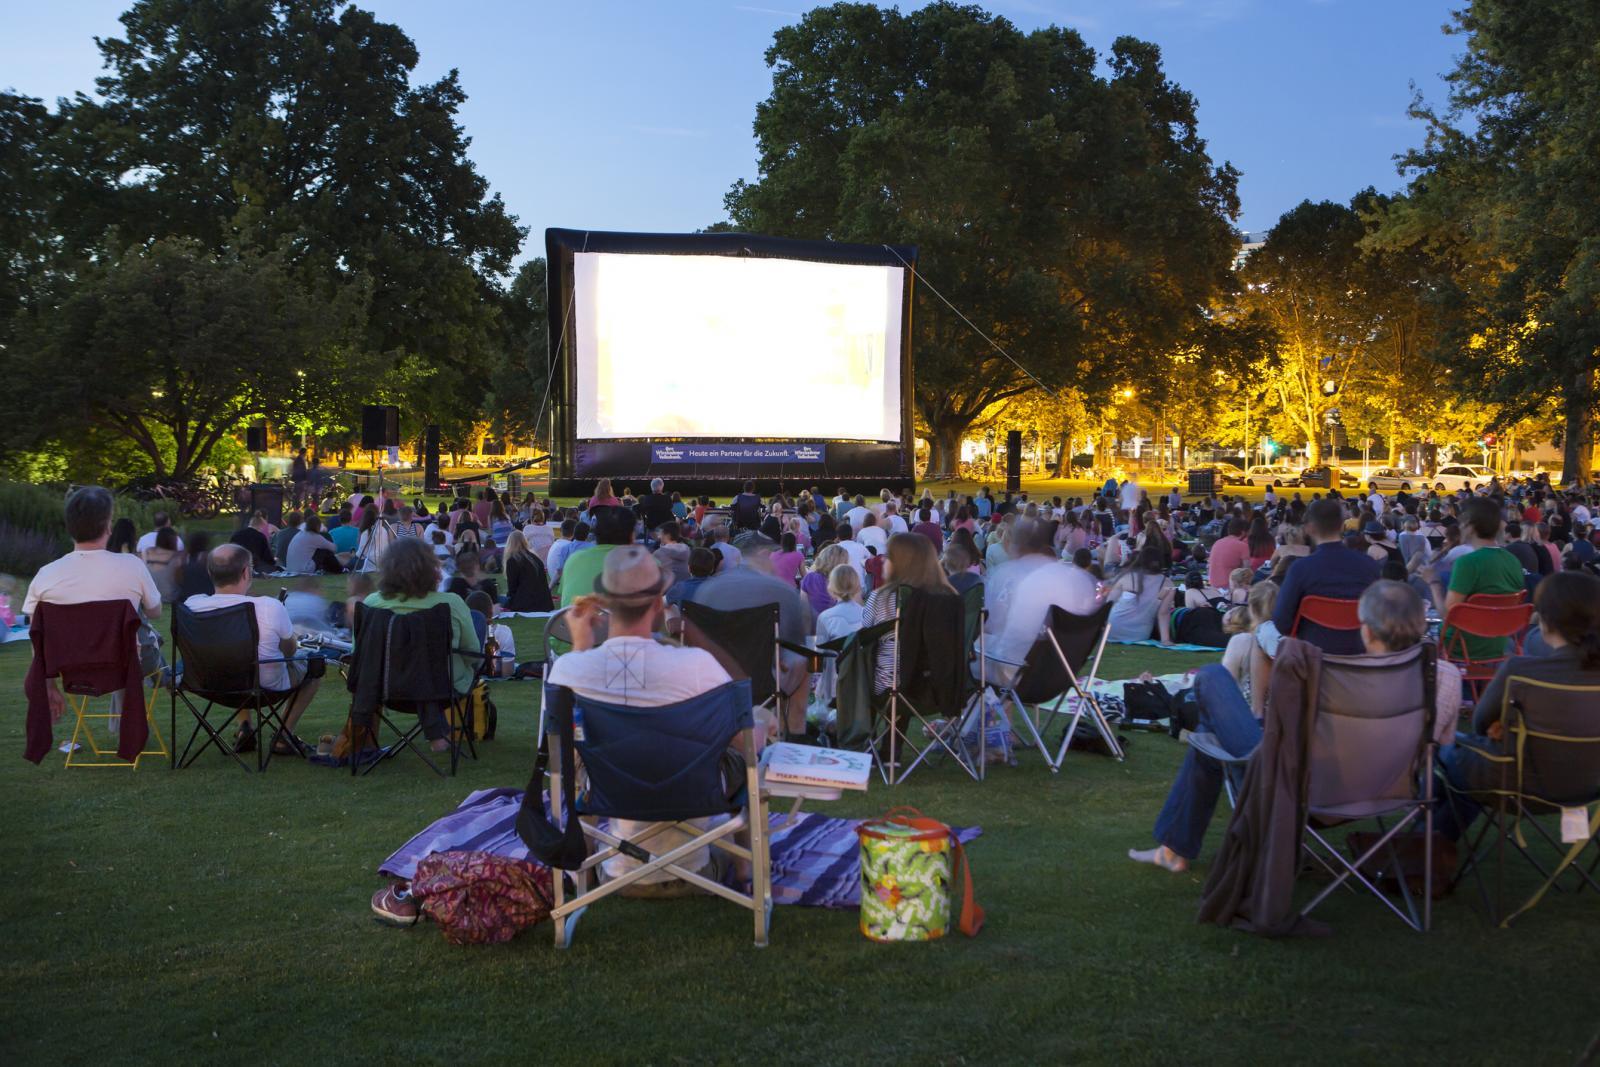 Dječji filmovi emitirat će se od 18:00 sati, a večernje projekcije počinju od 20:30 sati.